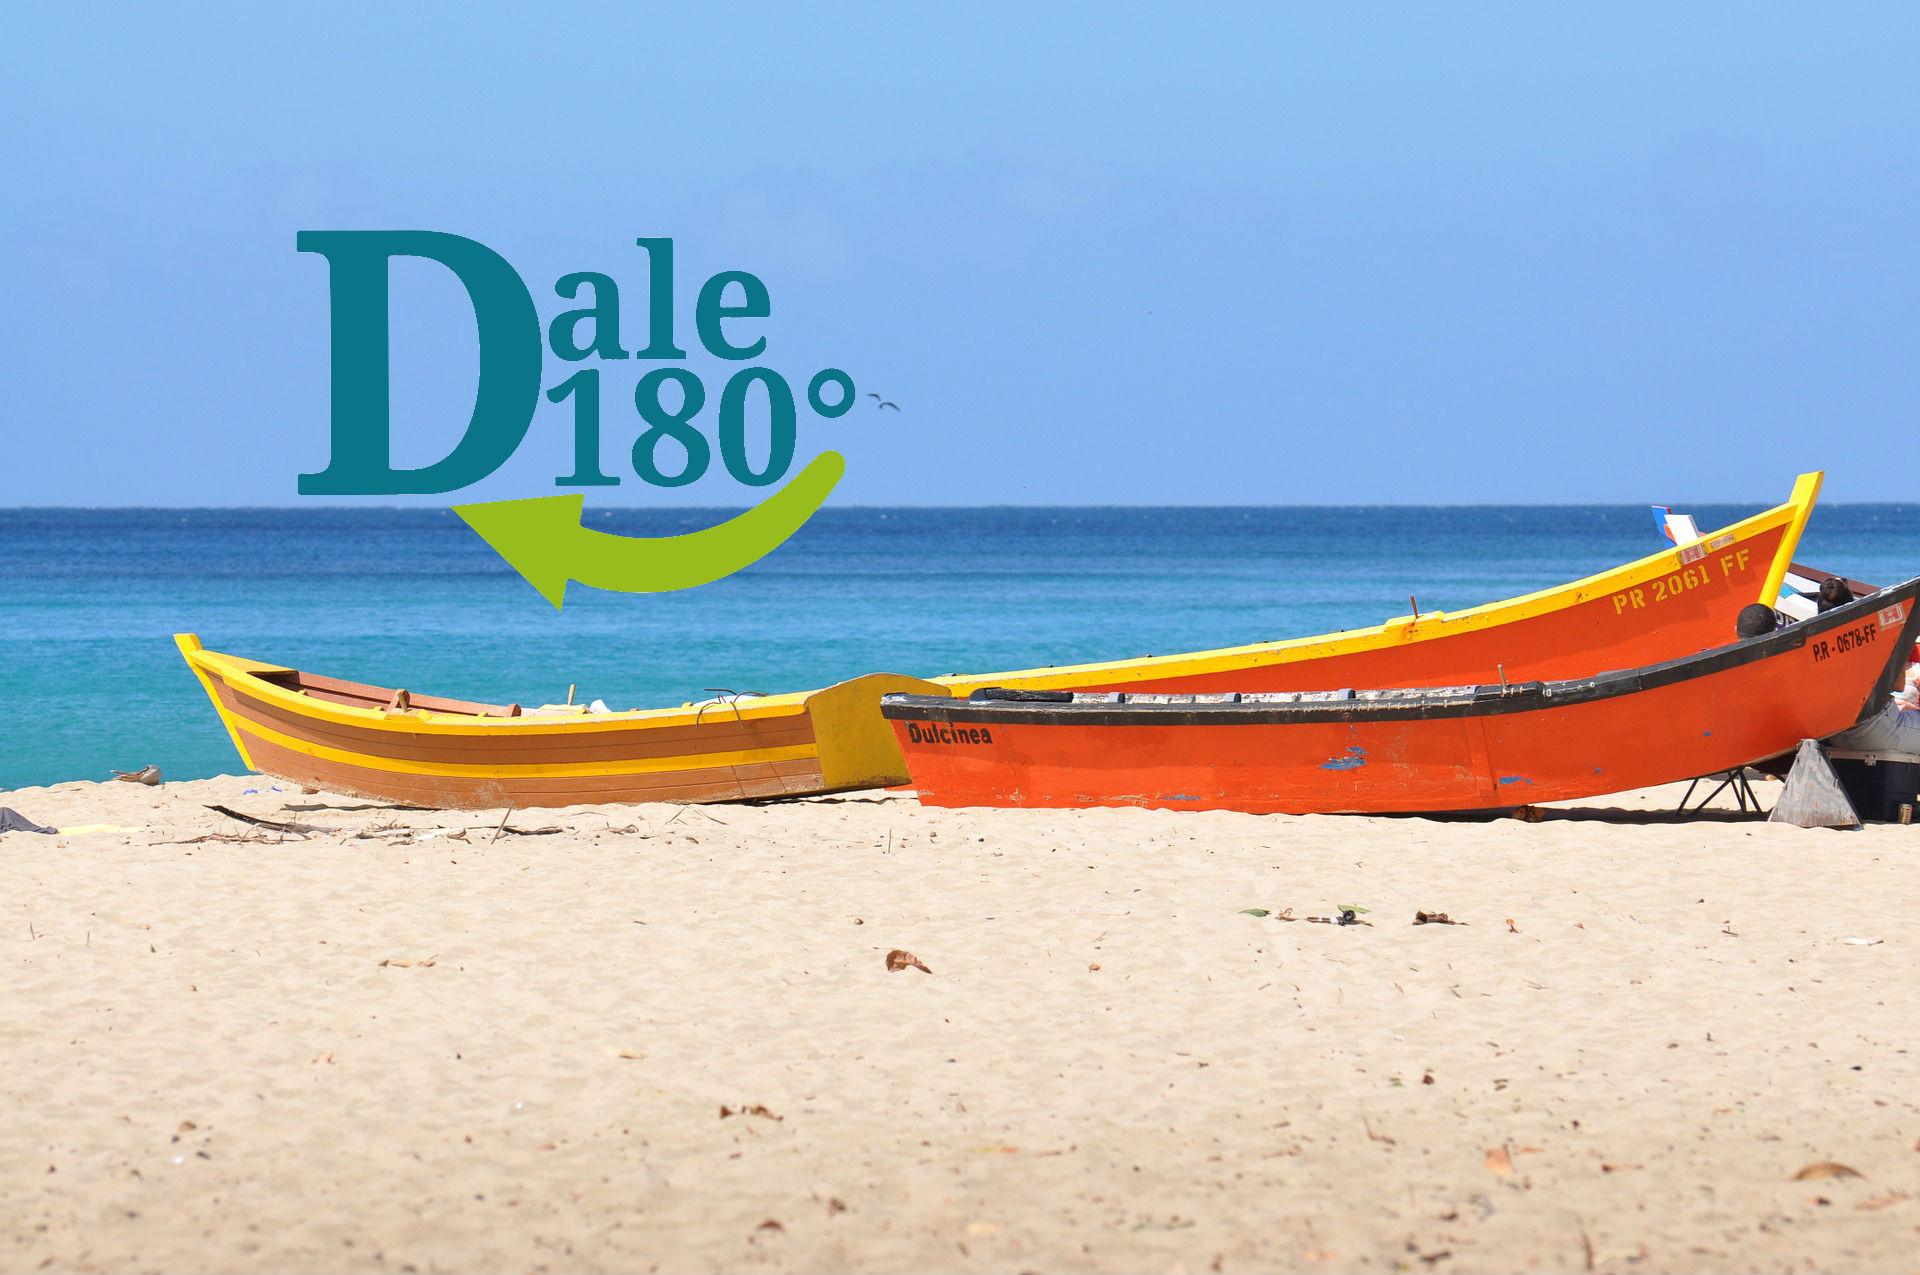 Dale180